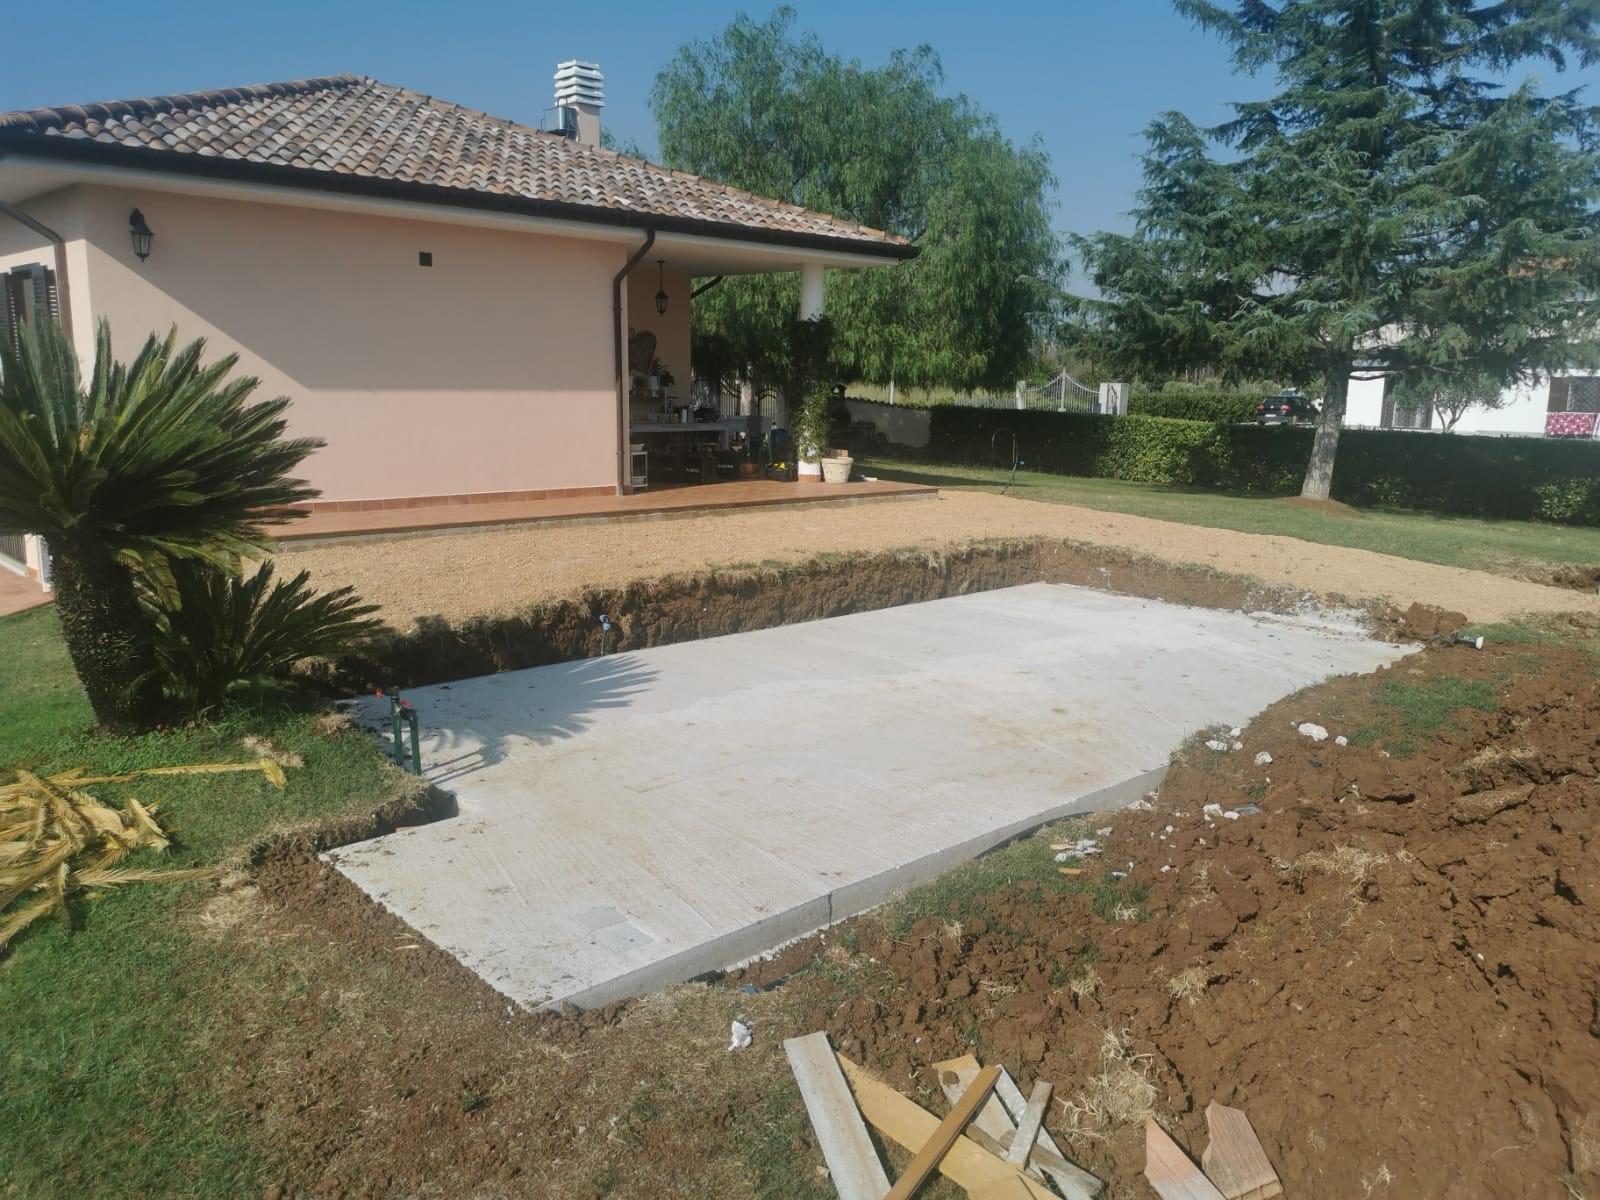 Piscina Su Terreno In Pendenza piscina fuori terra semi-interrata. piscine